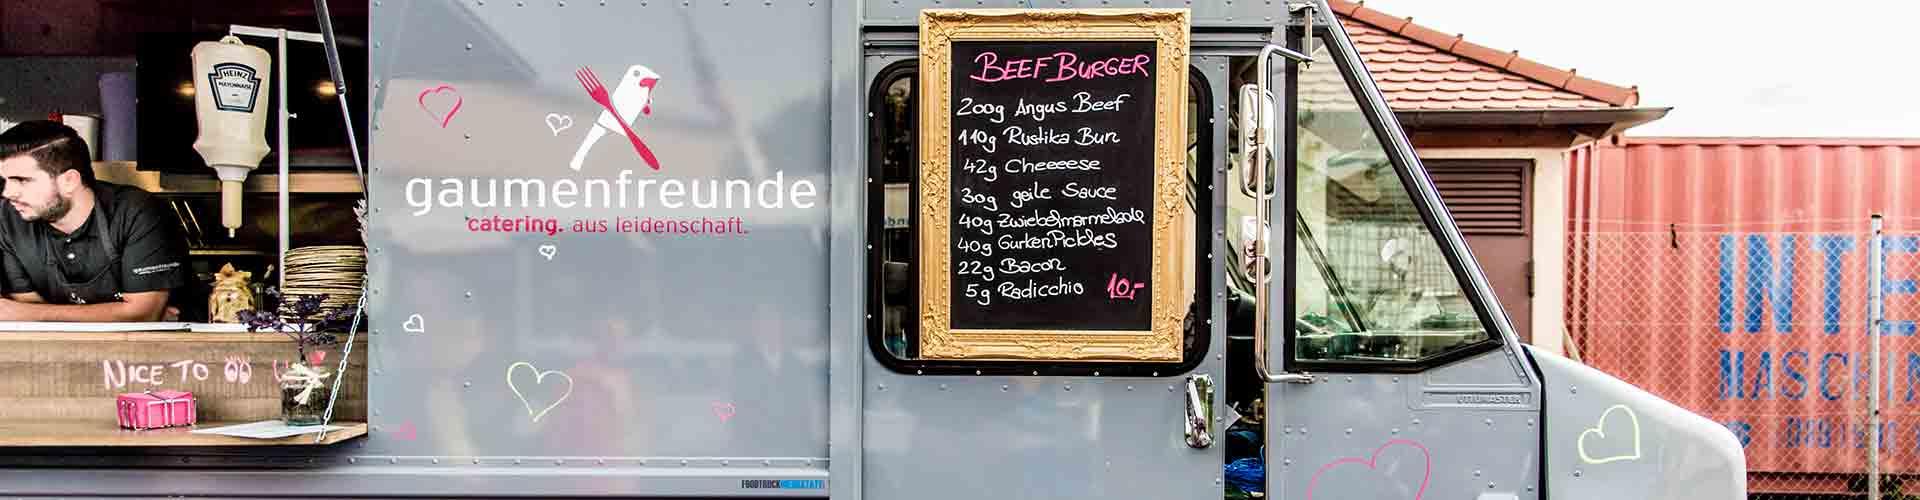 grauer Foodtruck Gaumenfreunde mit Kreide-Preistafel